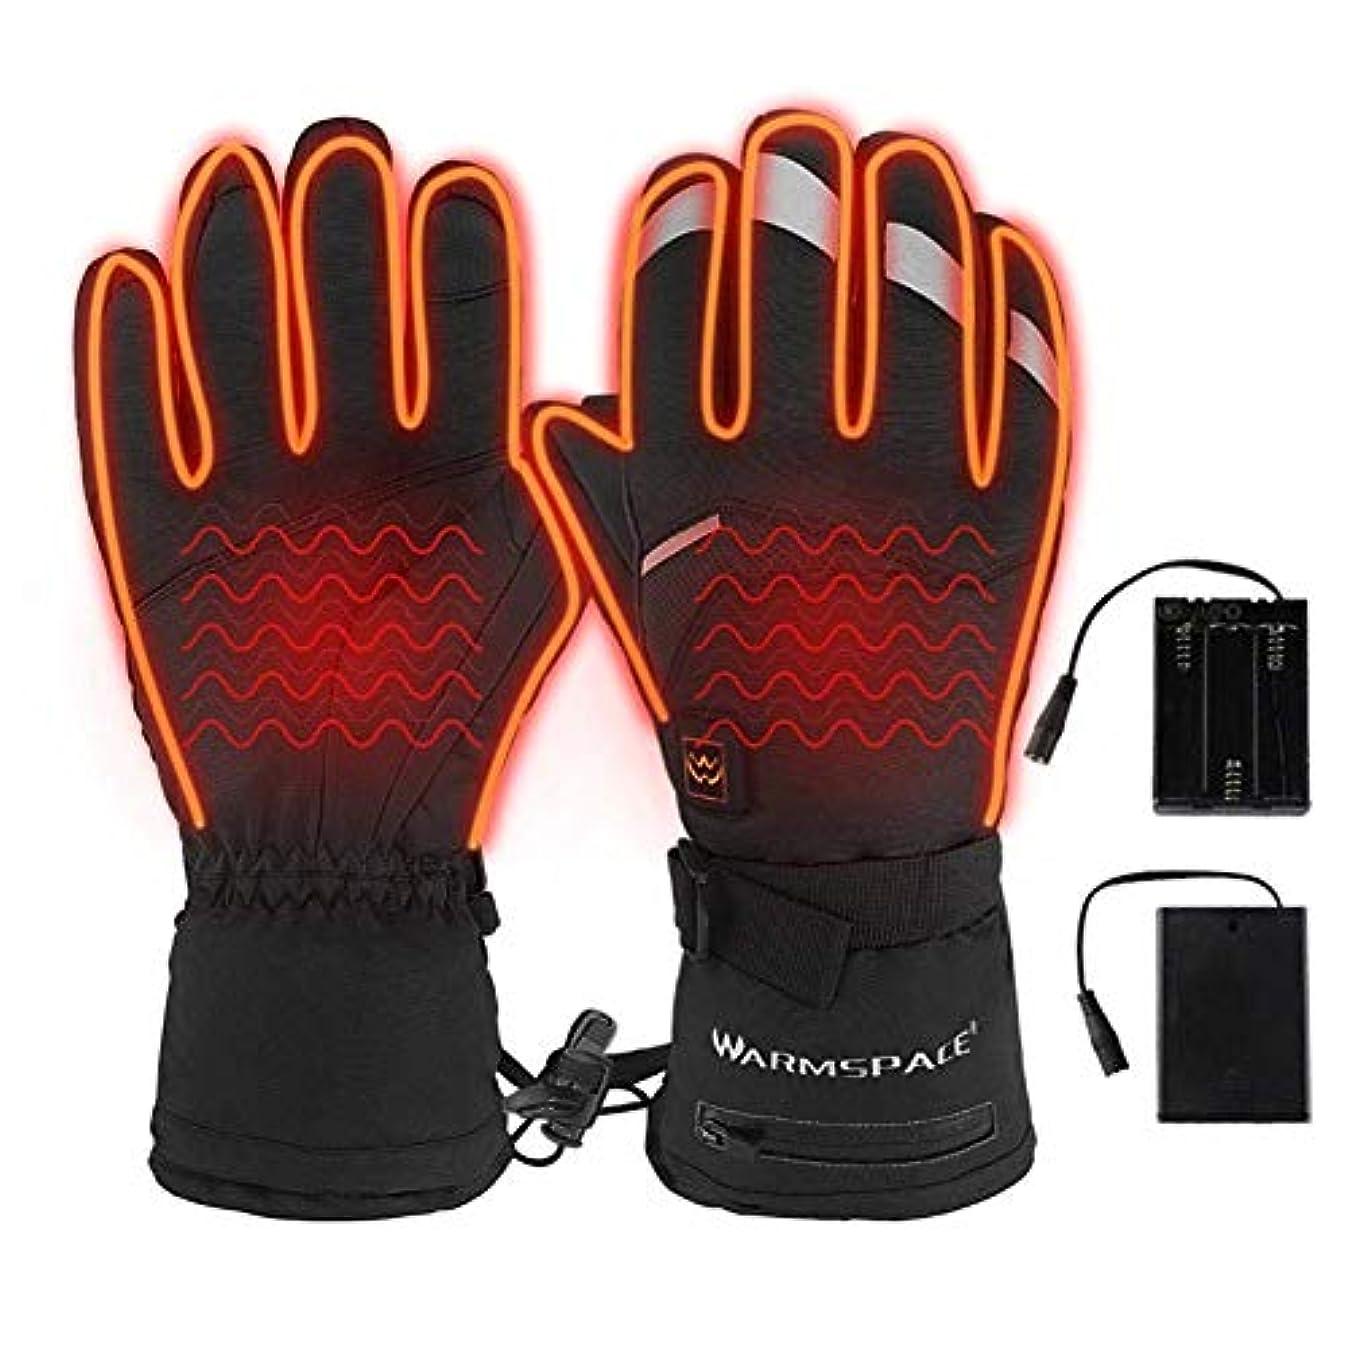 協定繁栄加熱された手袋男性の女性のための充電式、冬の暖房手袋タッチスクリーン、オートバイスキーサイクリング用防水防風暖かい指